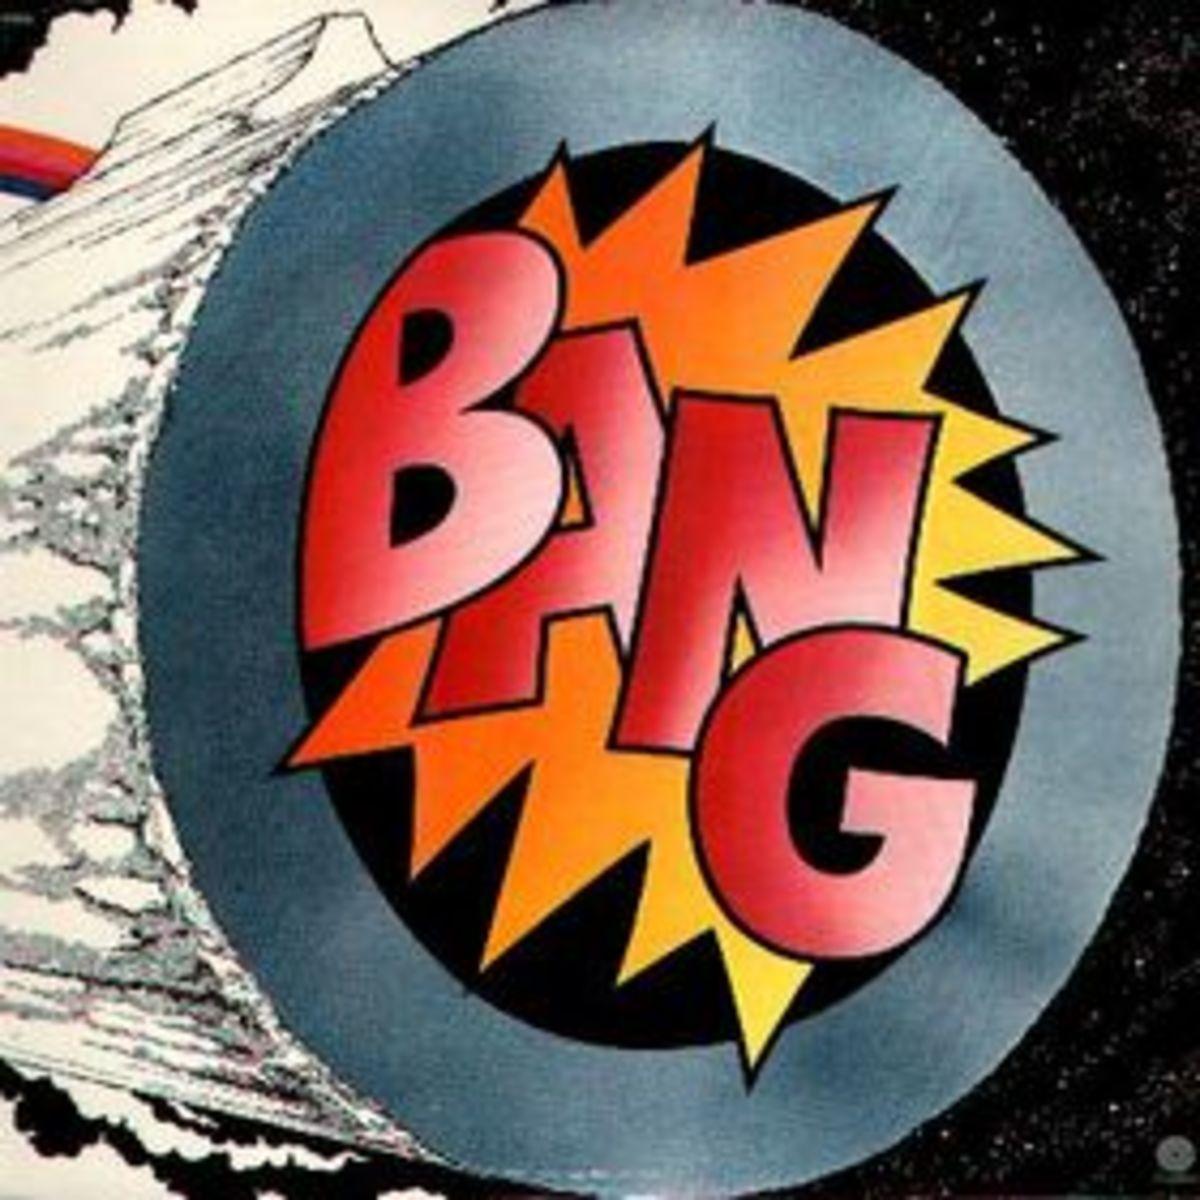 Bang album